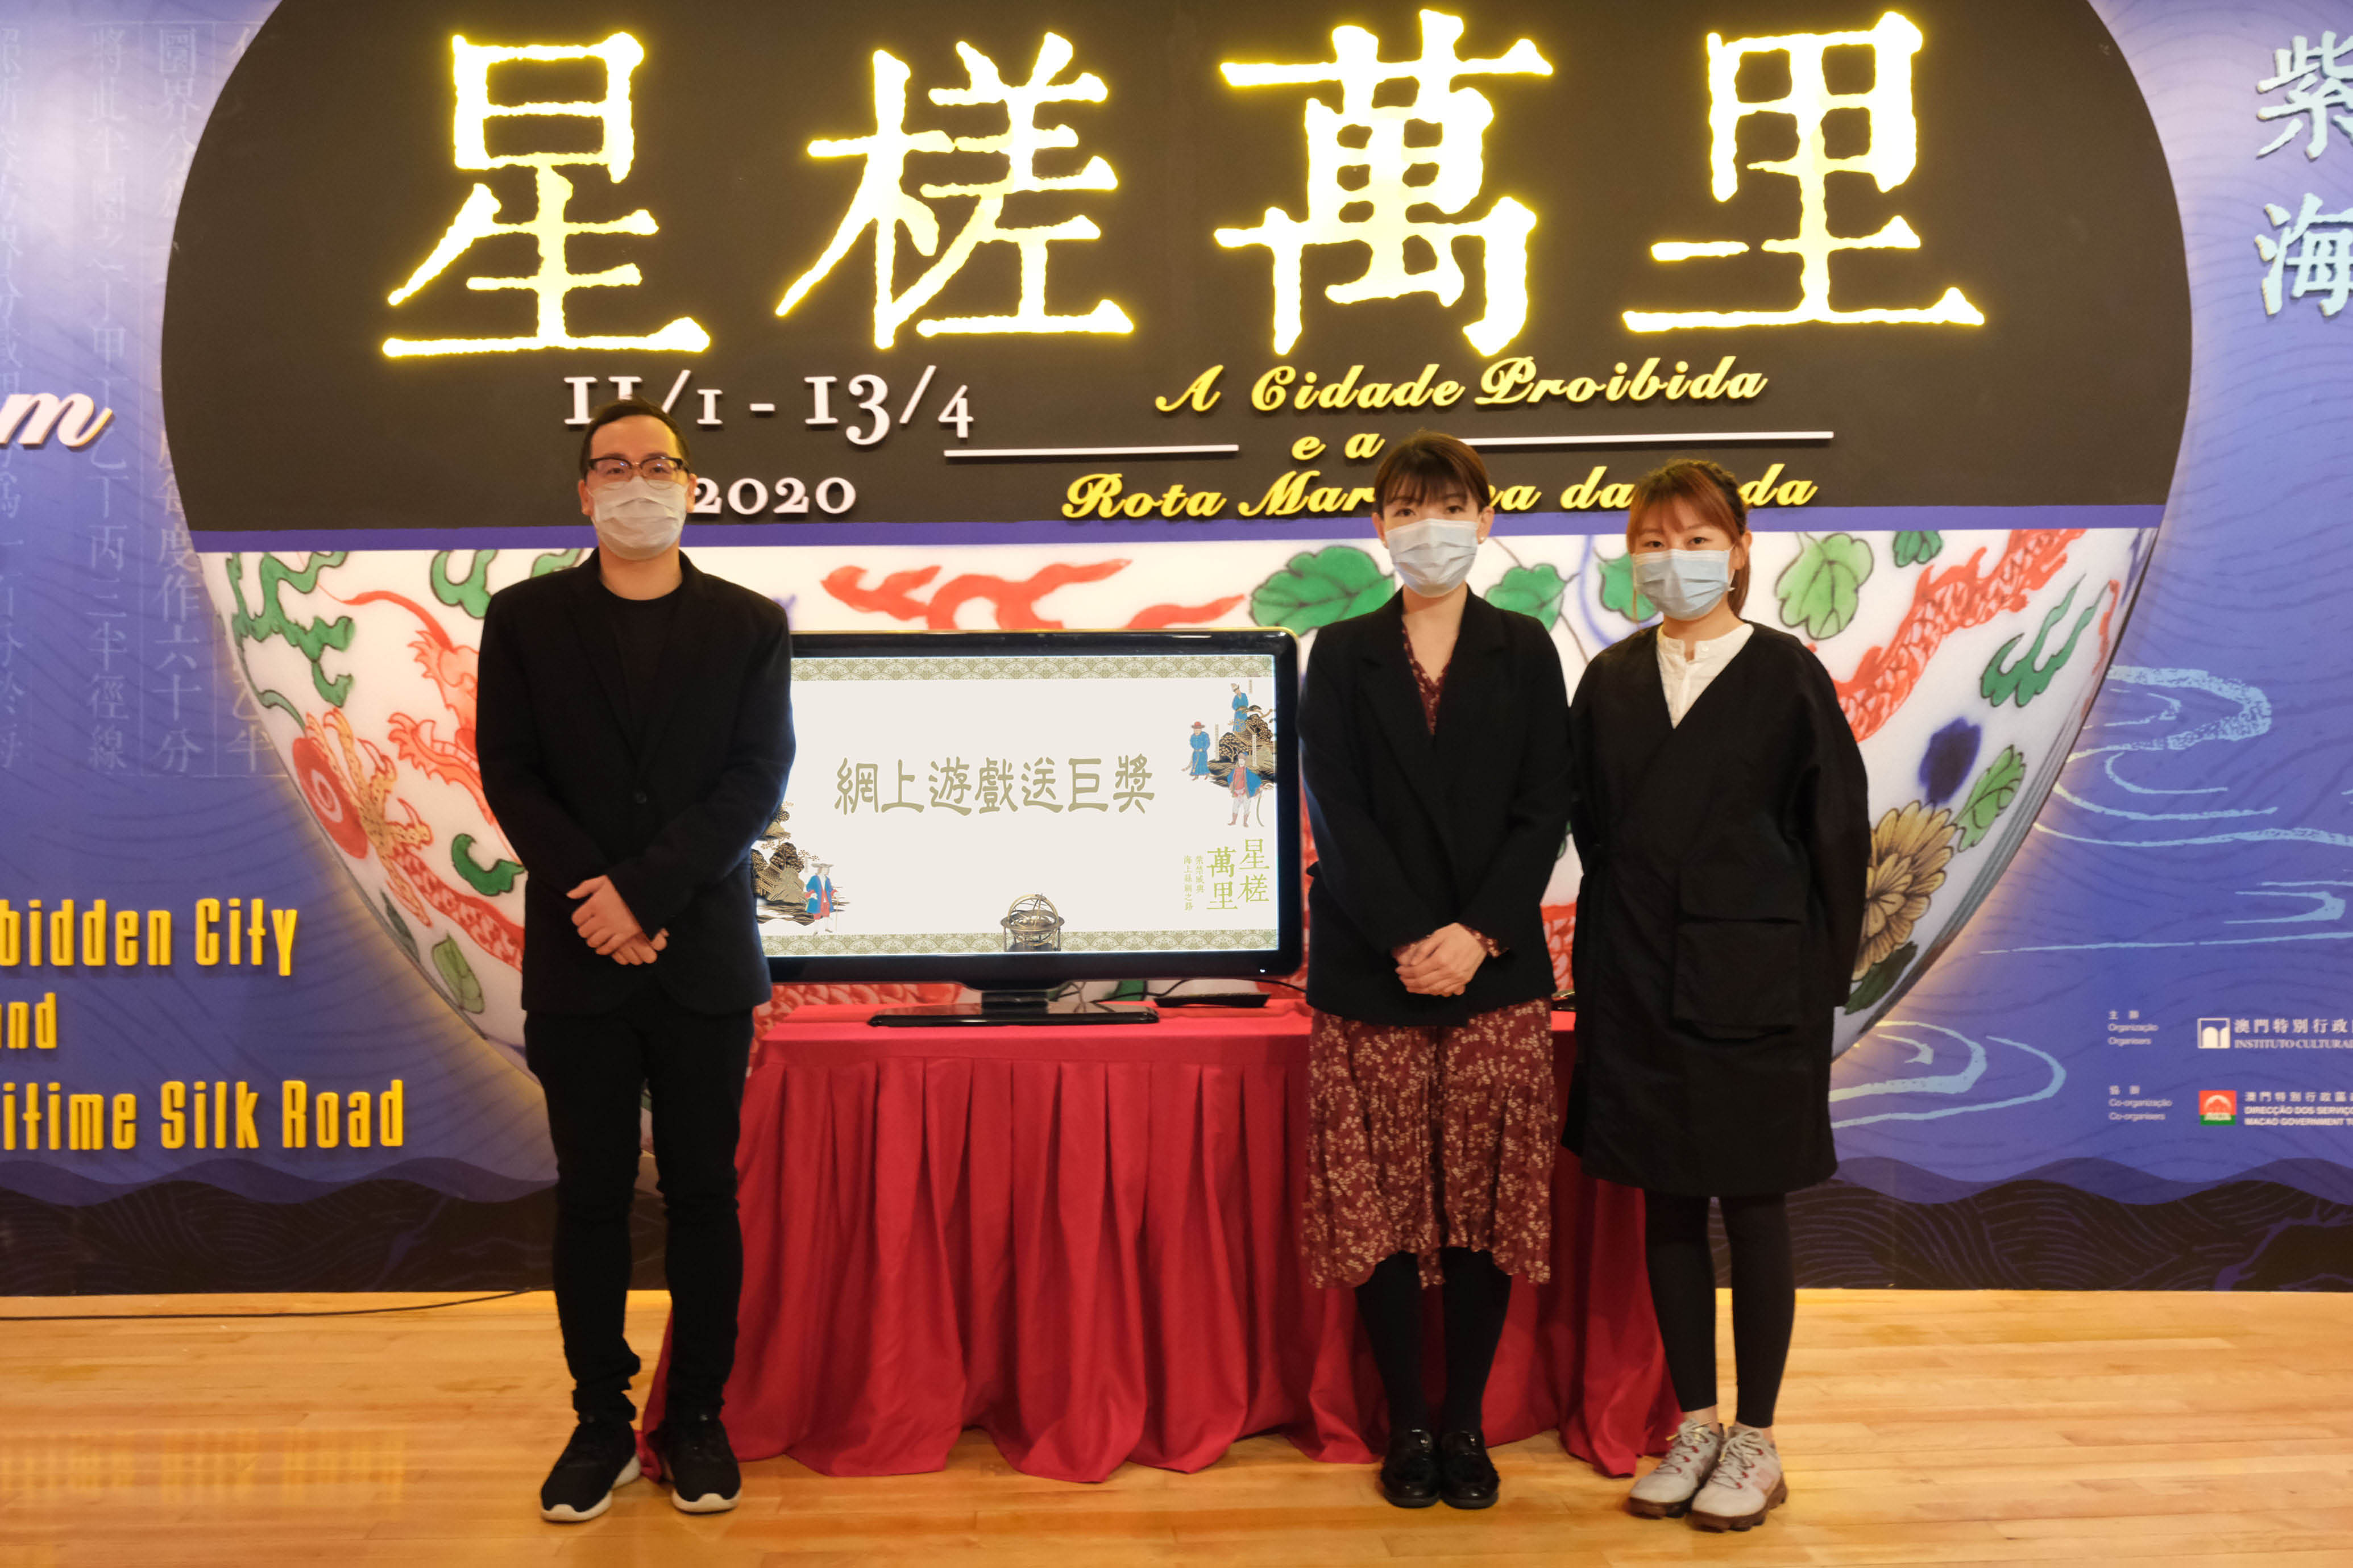 星槎萬里展網上遊戲送巨獎抽獎.jpg